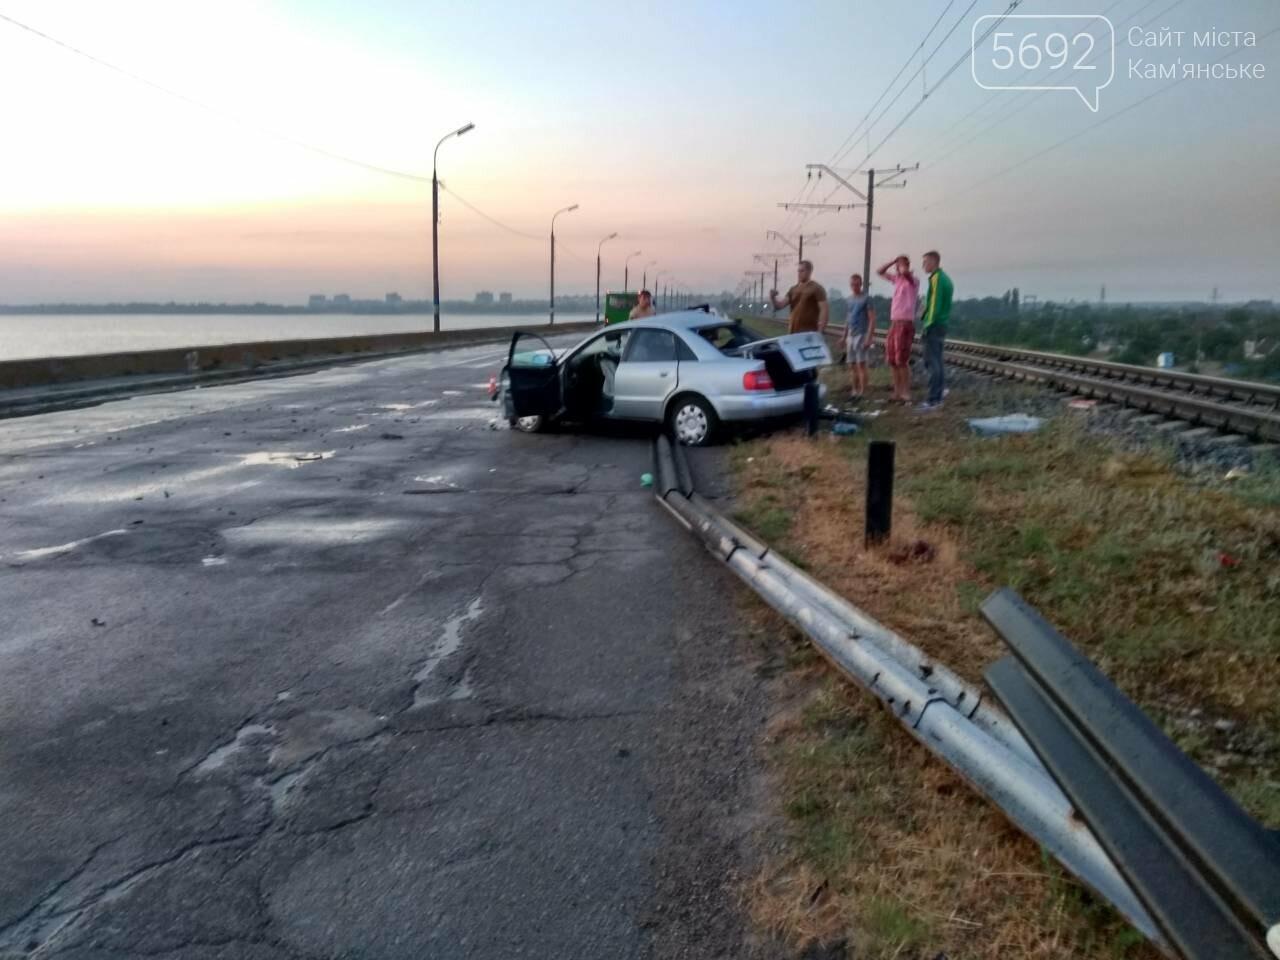 Врезались в отбойник: в Каменском в масштабном ДТП пострадали ребенок и двое взрослых, фото-5